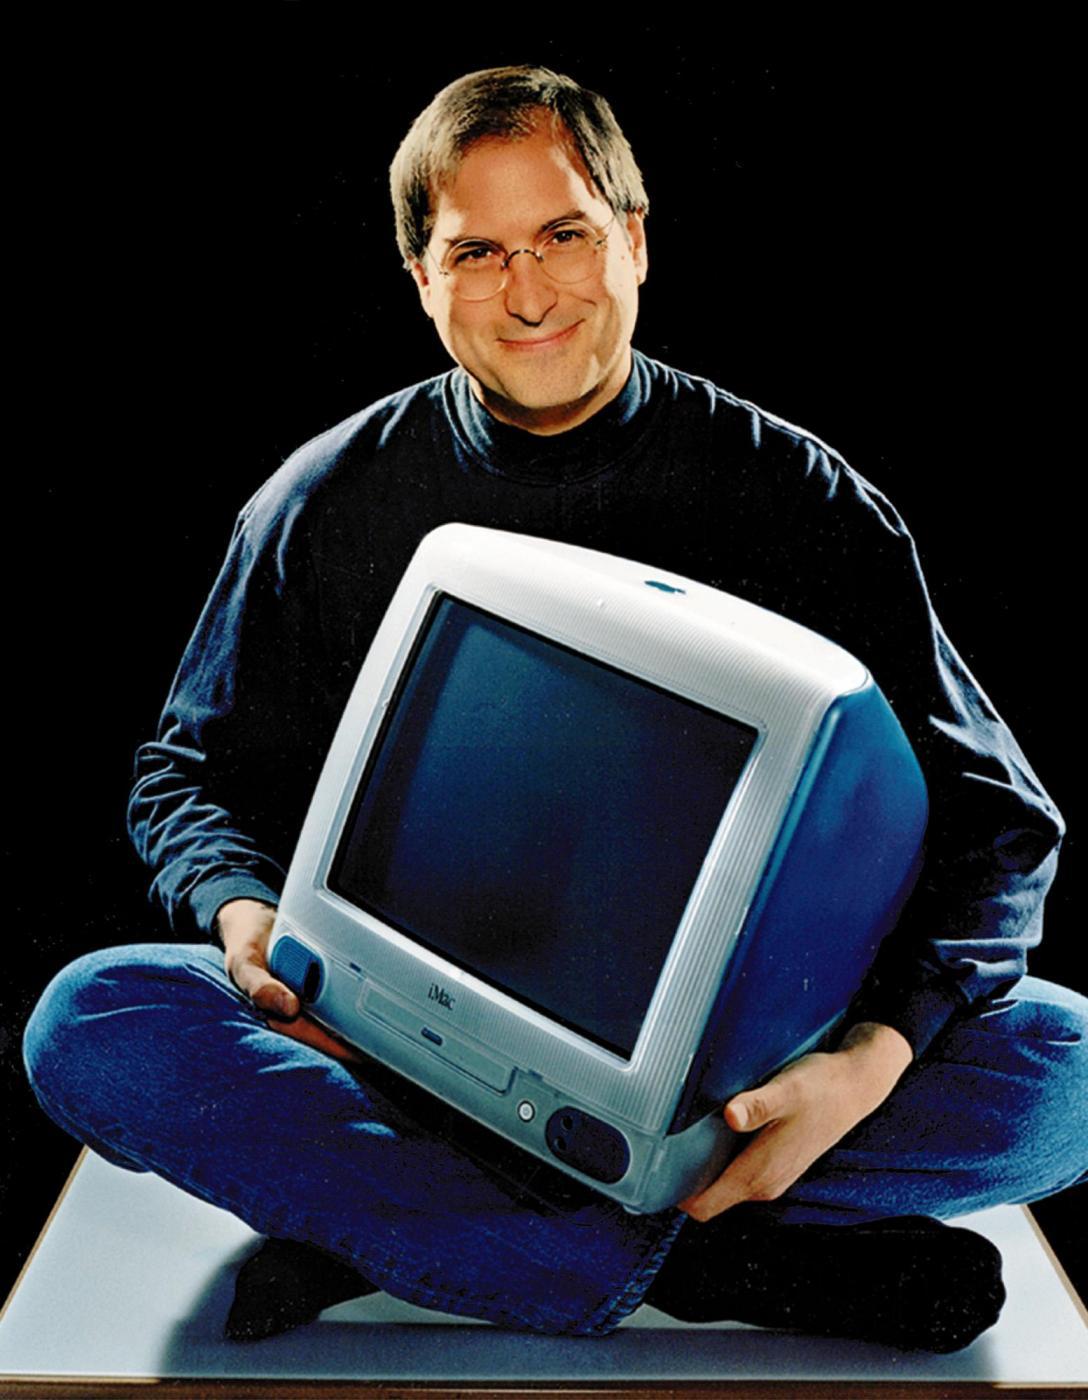 Hồ sơ nhân vật - Tiểu sử huyền thoại Steve Jobs - tieu su huyen thoai steve jobs 1998 chup hinh cung imac 1717 -